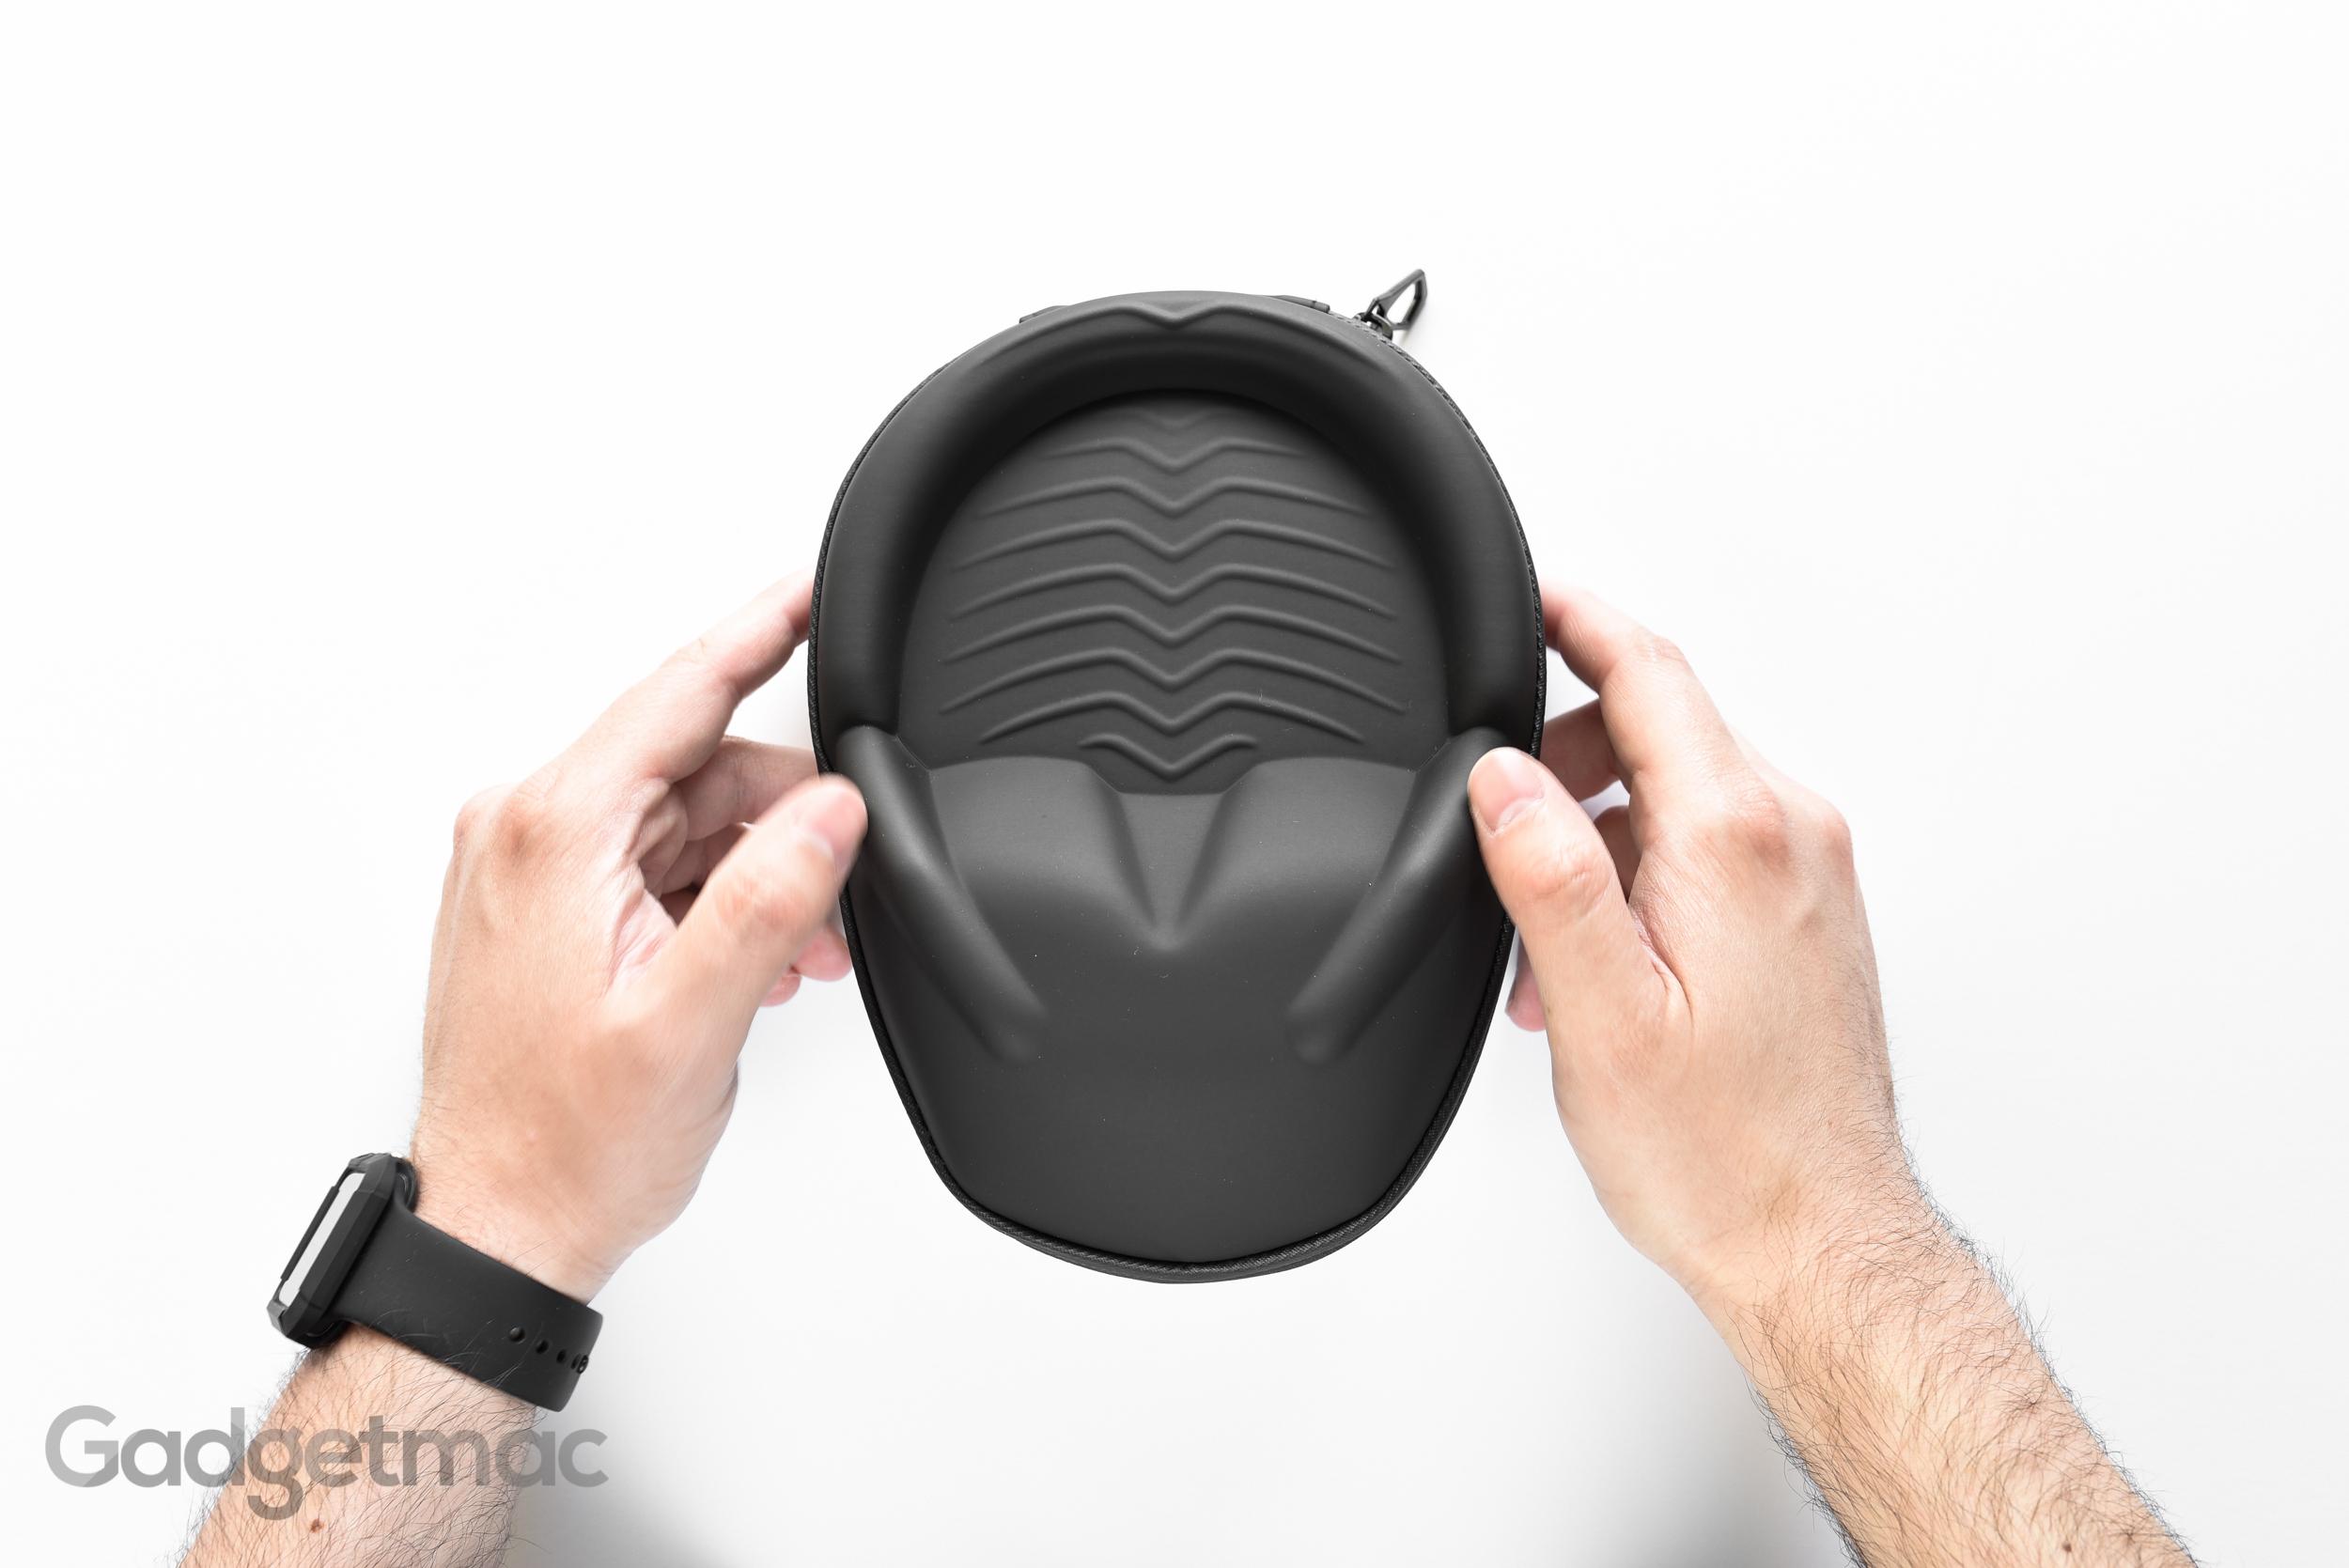 v-moda-crossfade-wireless-hard-shell-exoskeleton-case.jpg